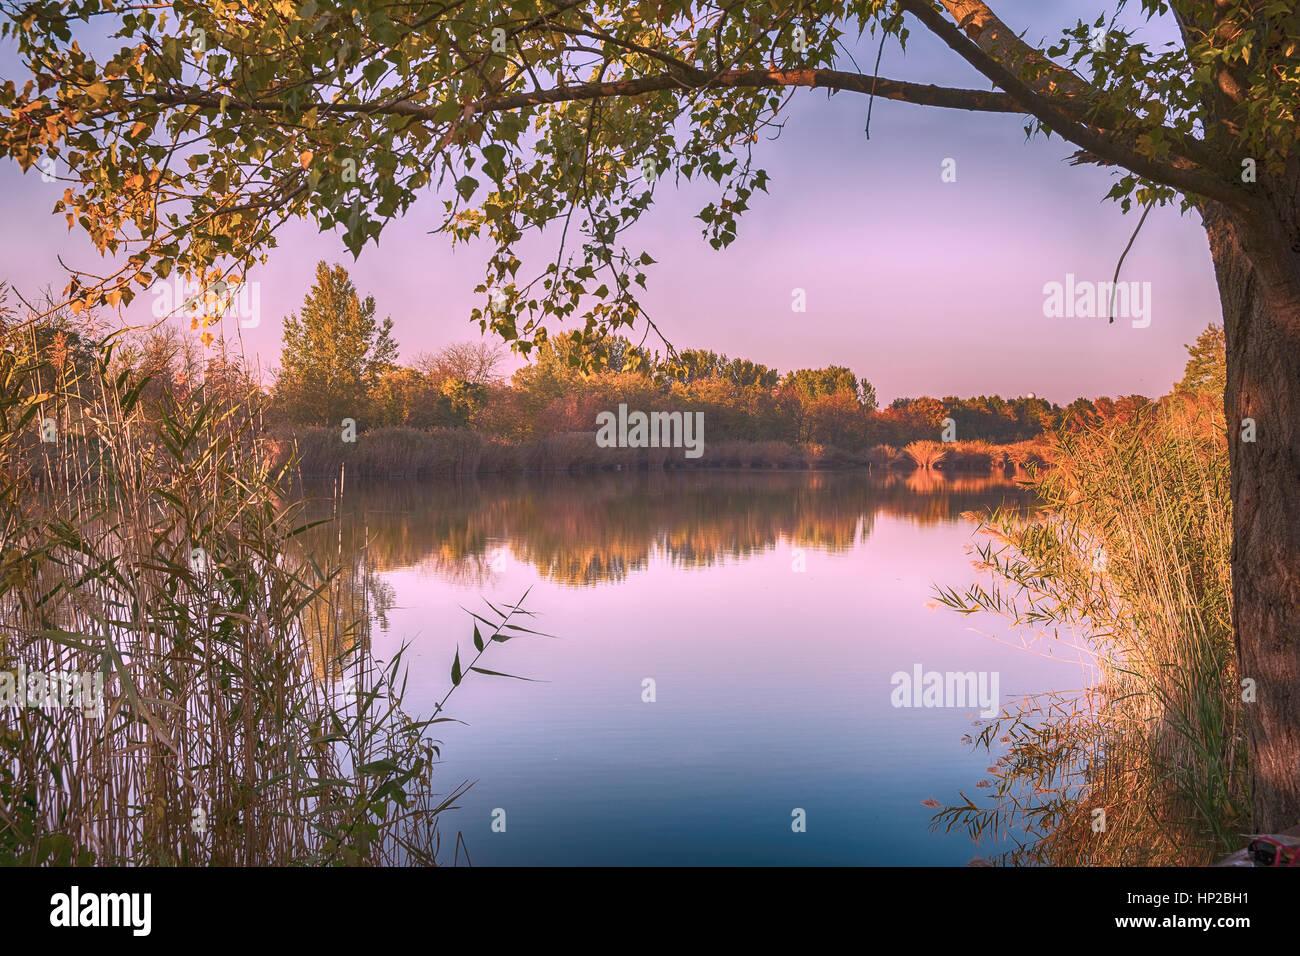 Herbstlichen Wald und See Stockbild